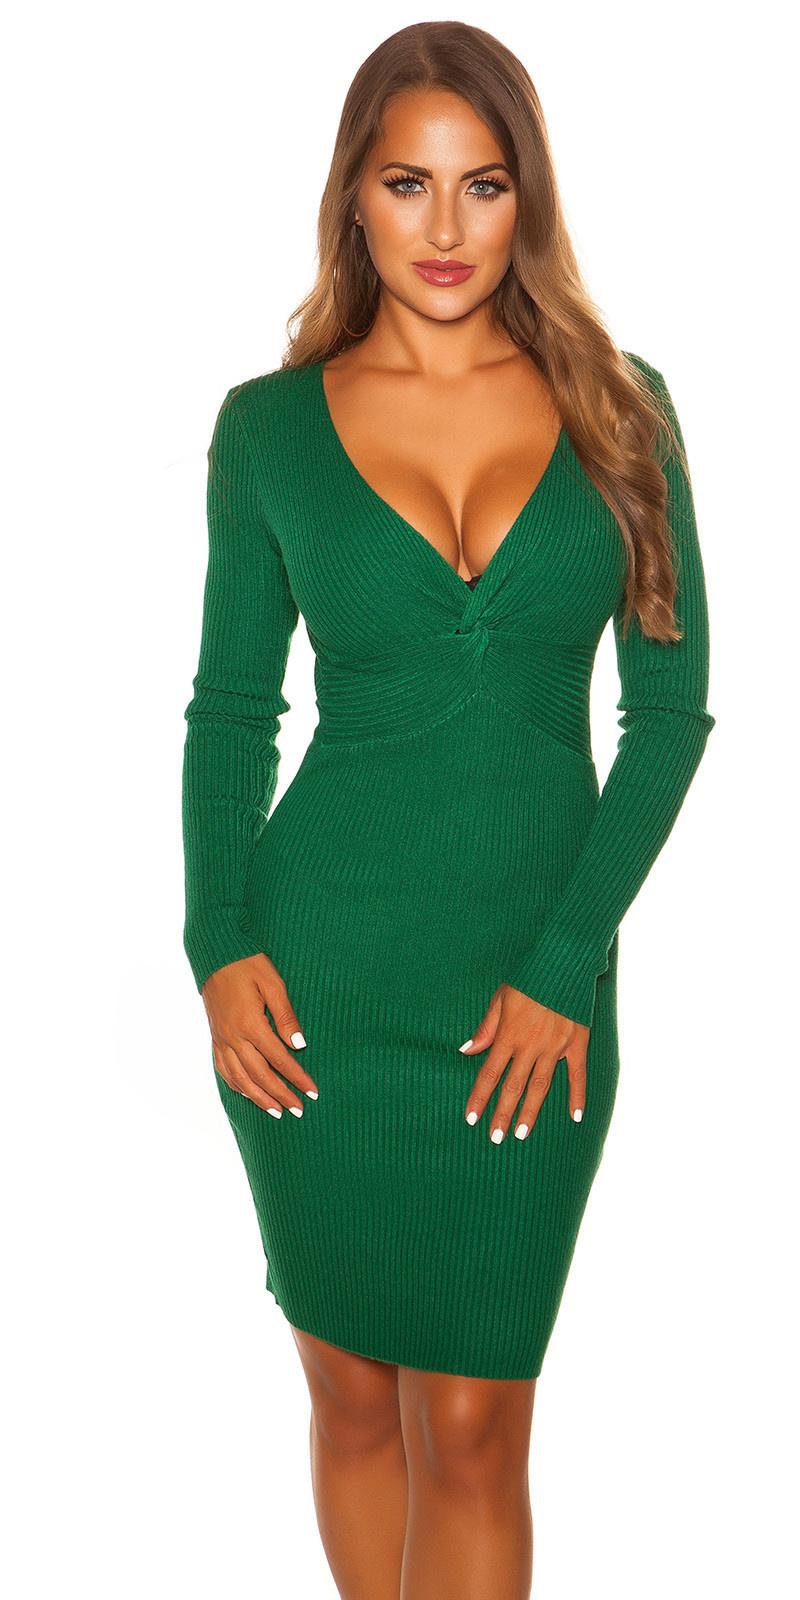 Sexy V Cut Knit Dress Green